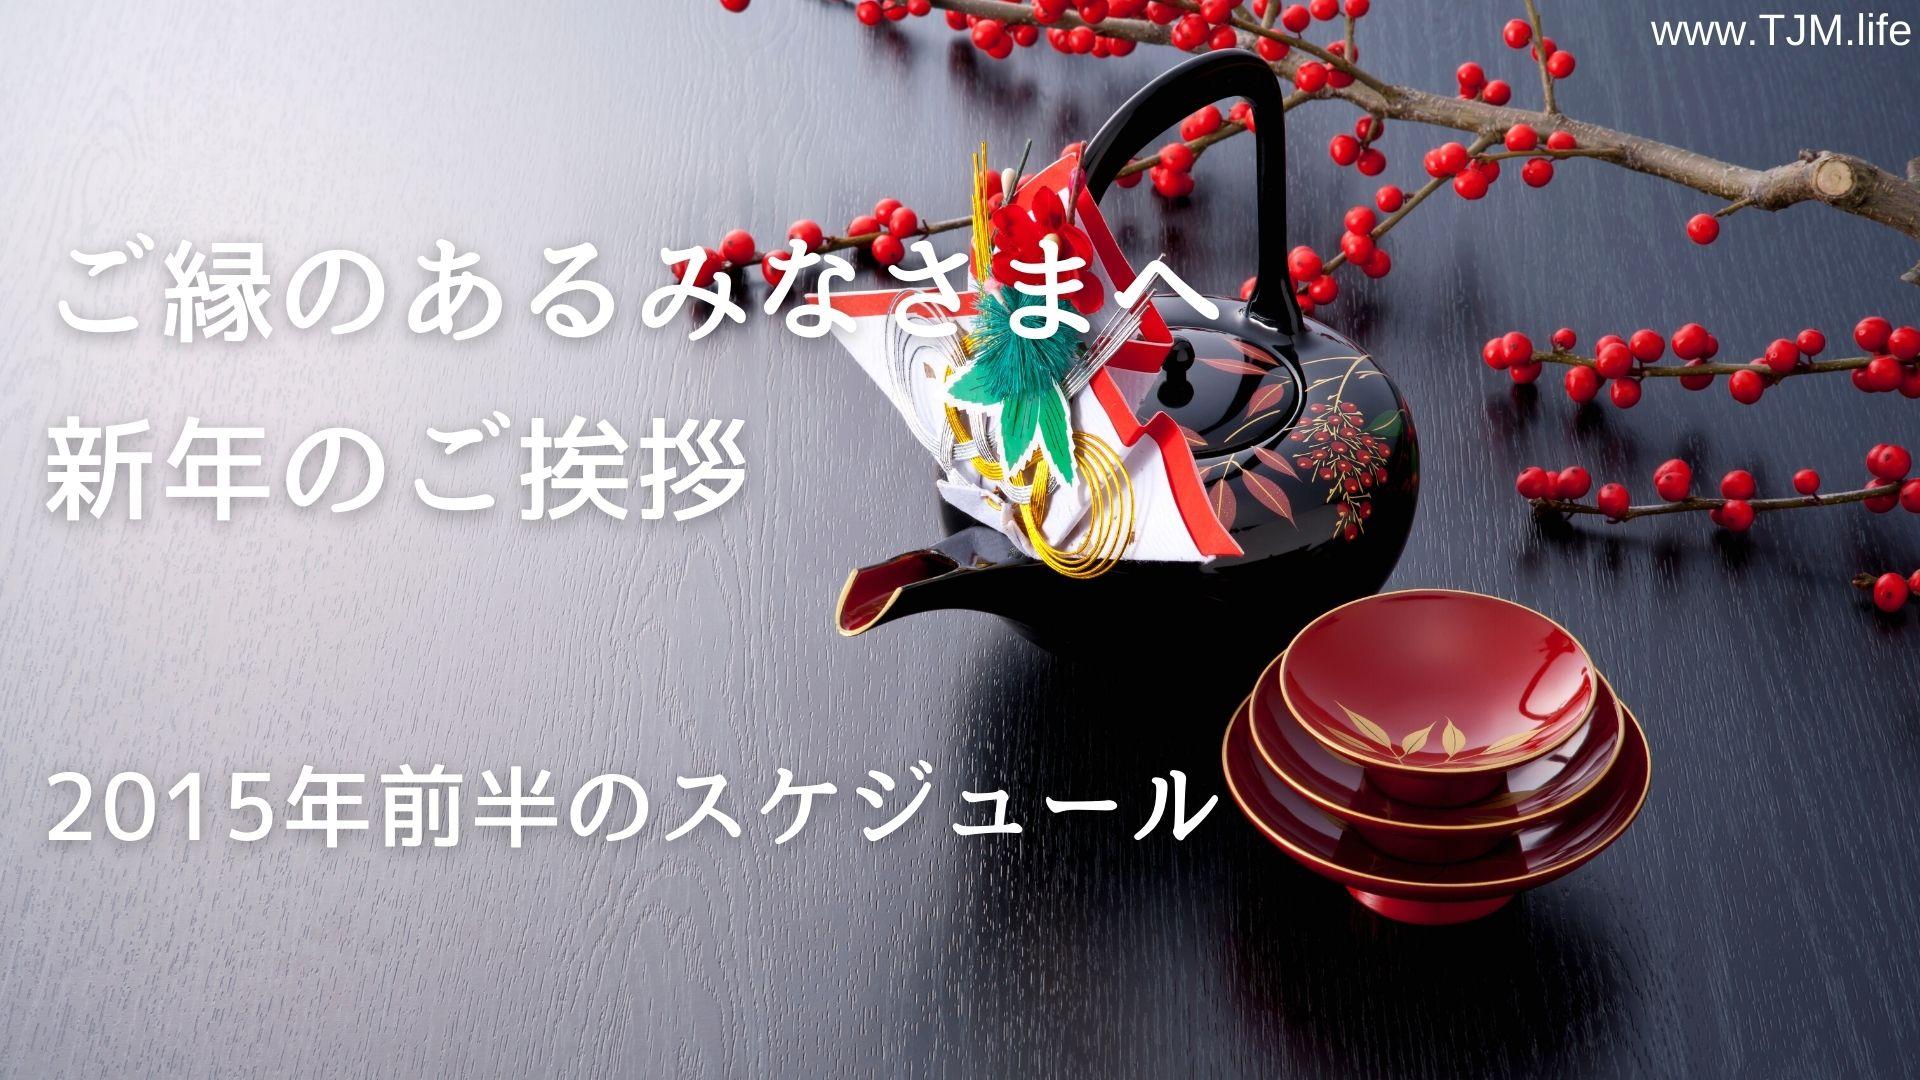 結婚相談所・新年のご挨拶